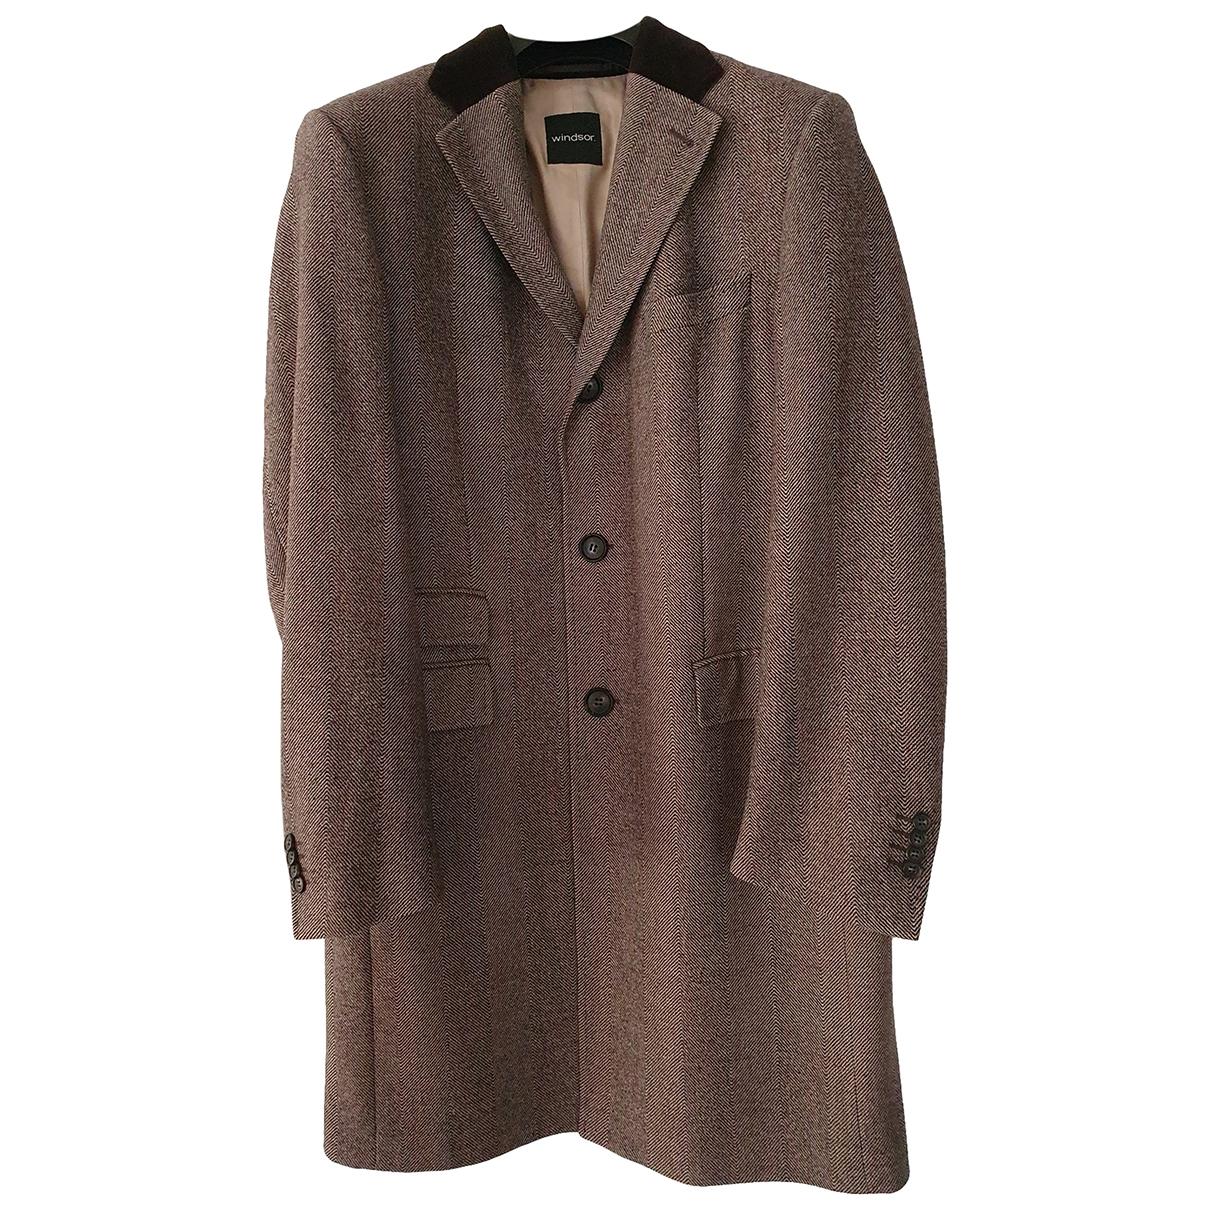 Windsor \N Brown Wool coat  for Men XL International